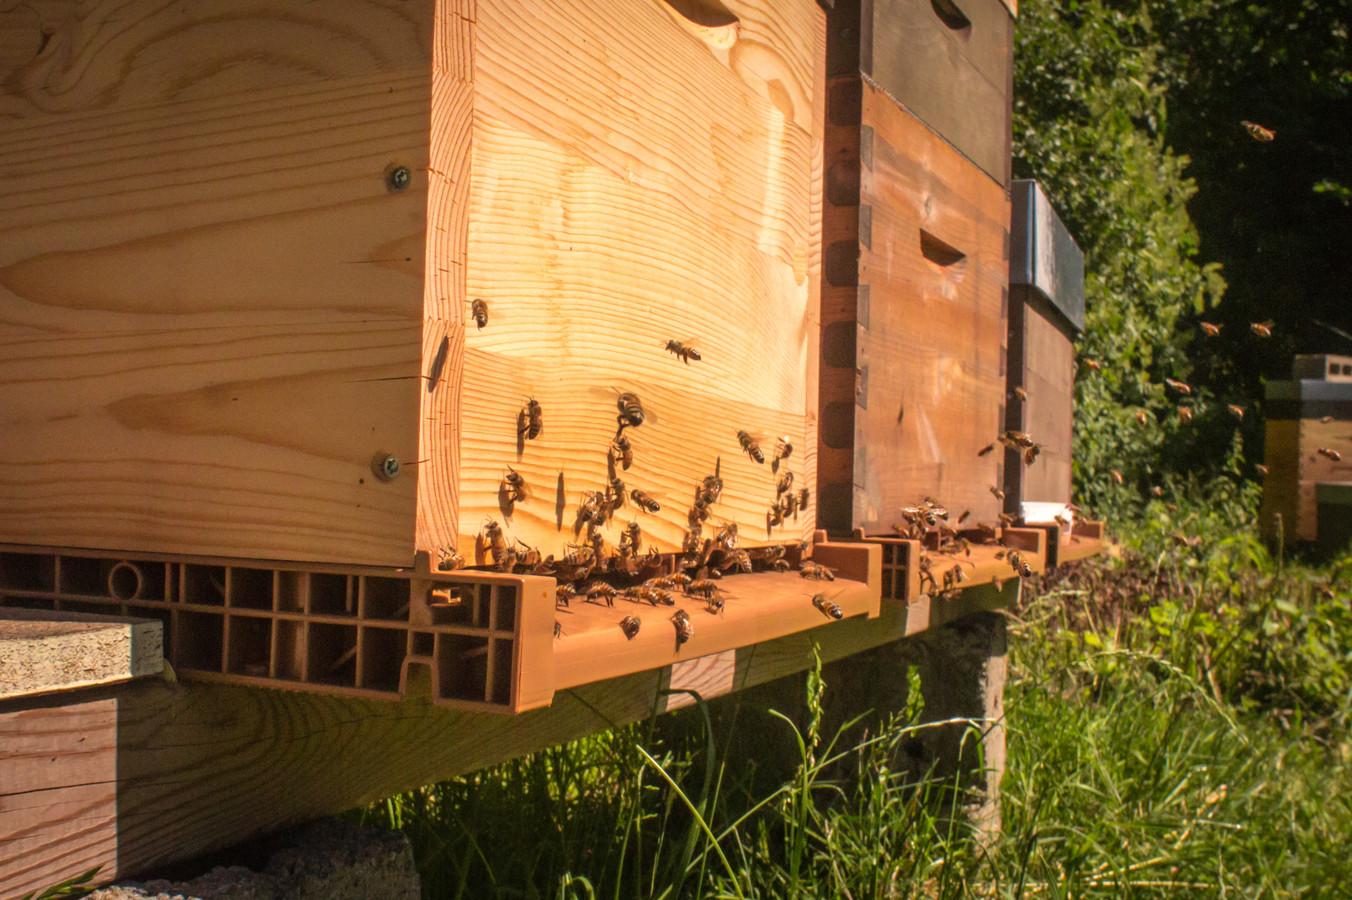 Les abeilles aident à la pollinisation des arbres du verger à haute valeur biologique.